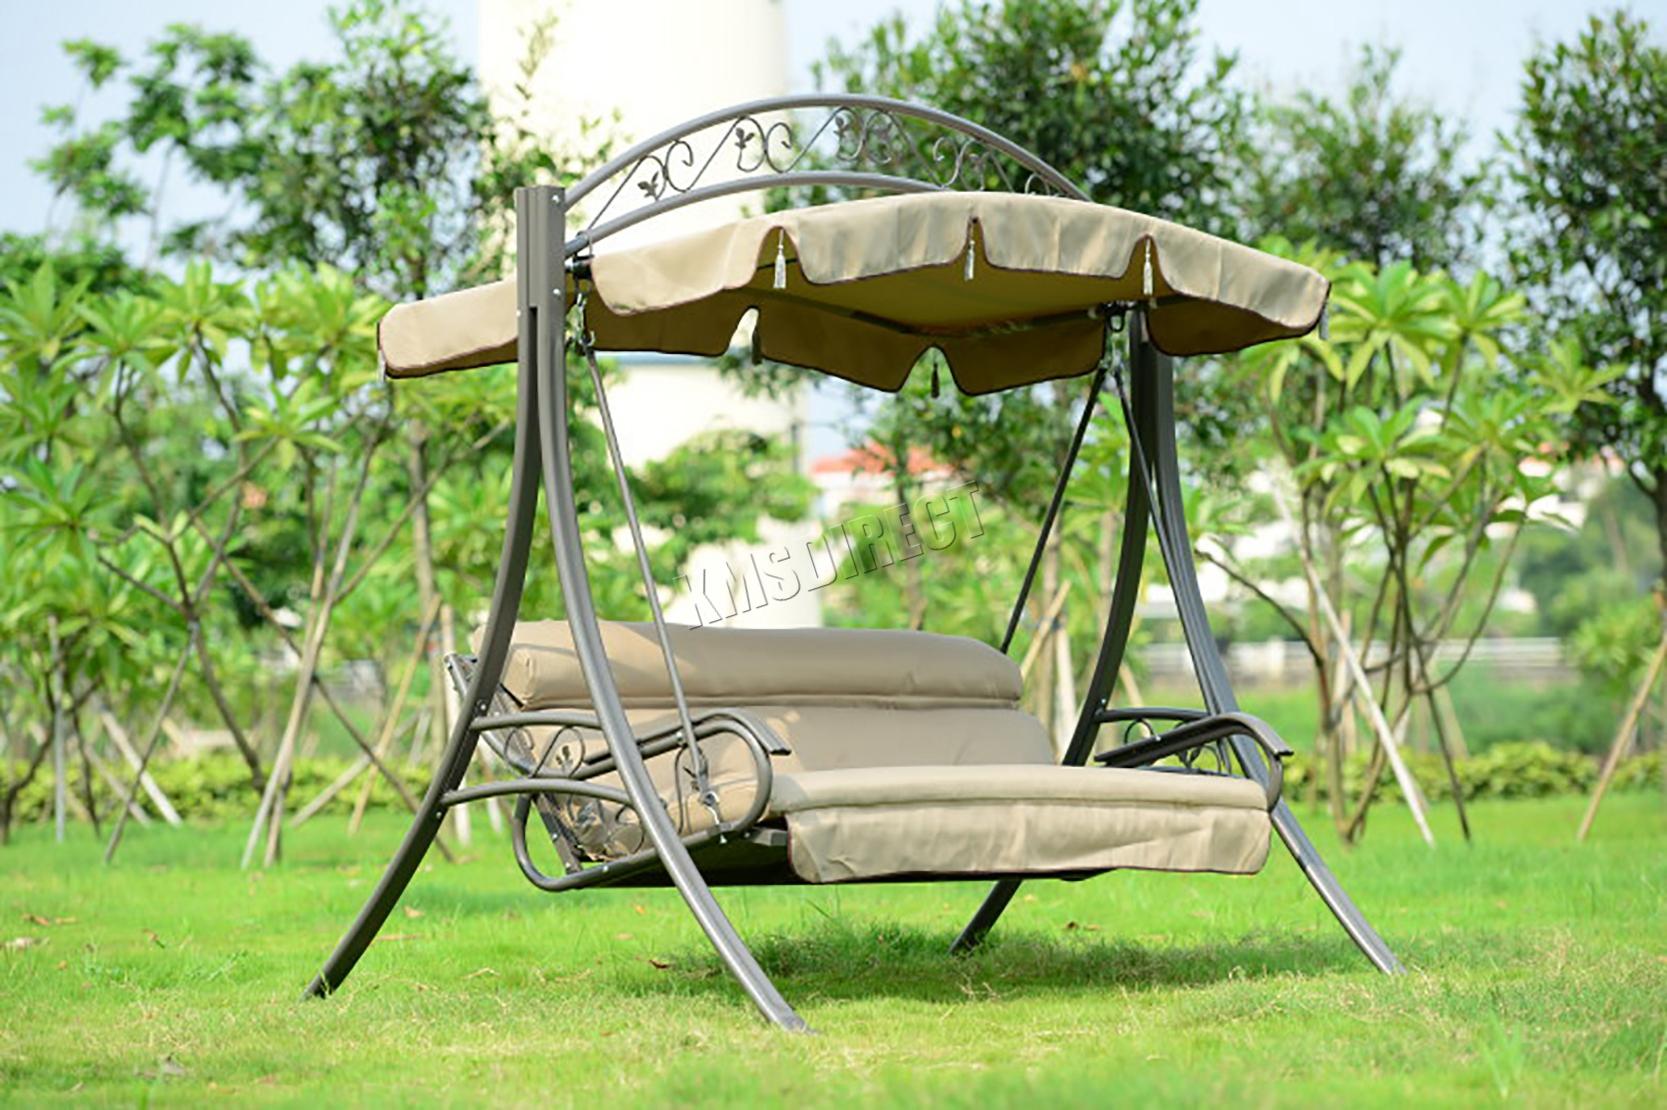 garden swing seats outdoor furniture thronefield com rh thronefield com garden swing seats outdoor furniture b&q garden swing seats outdoor furniture the range